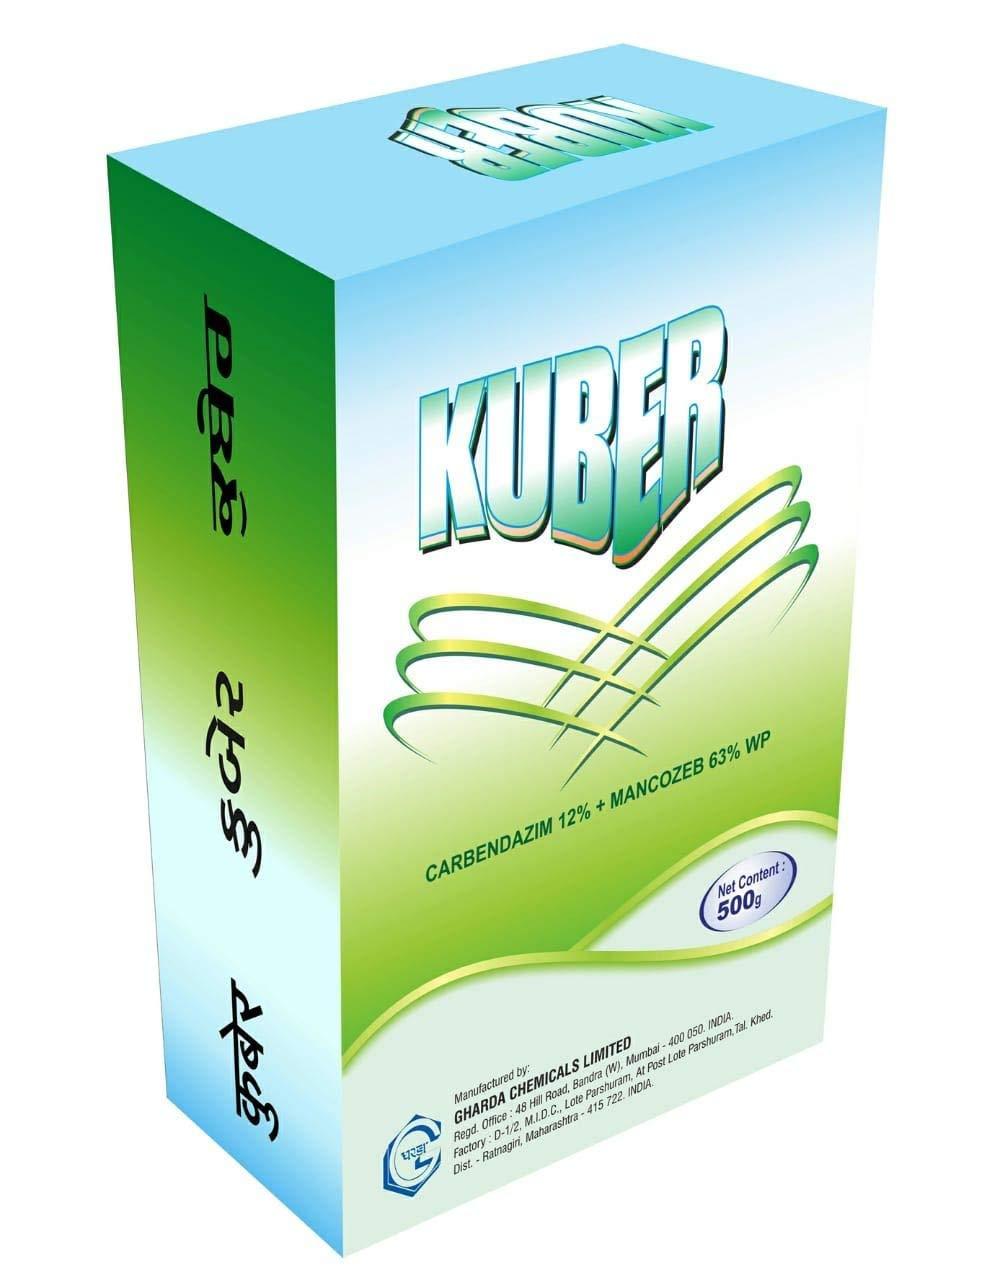 KUBER Fungicide 500GM [Carbendazim 12% + Mancozeb 63% WP